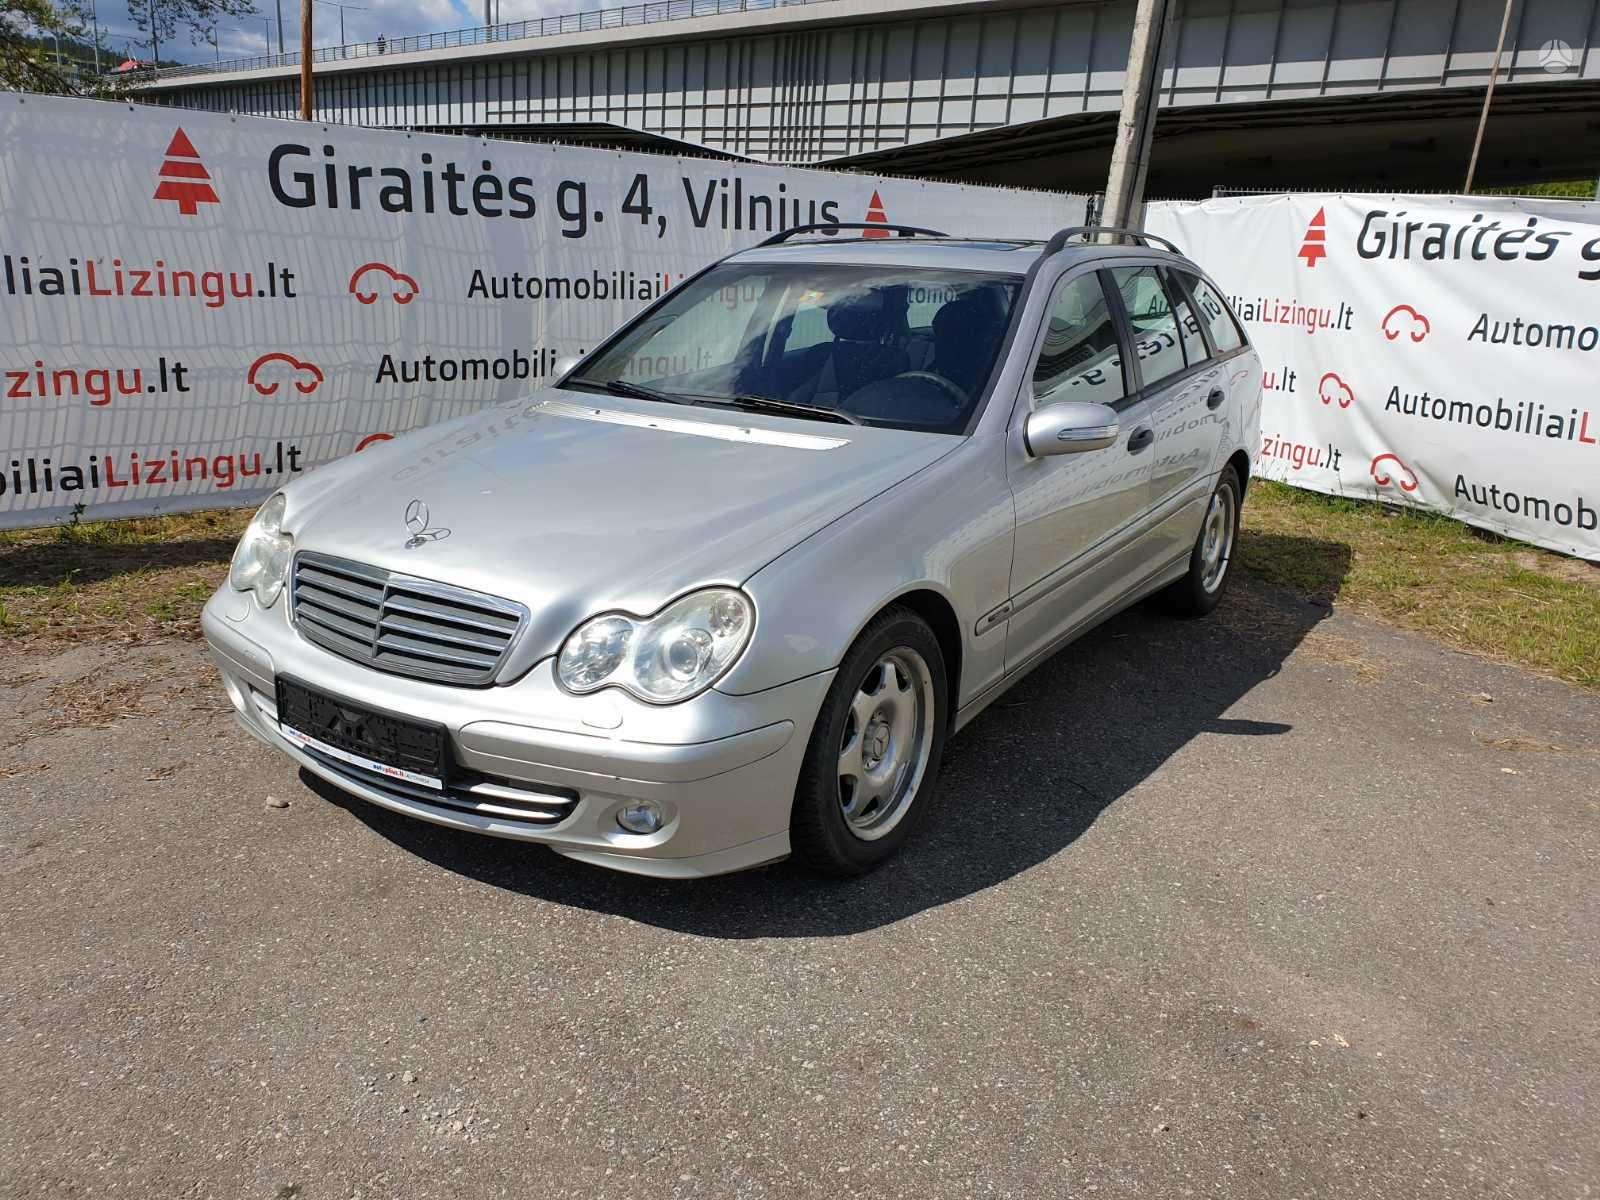 Mercedes-Benz C220, 2.2 l., universalas